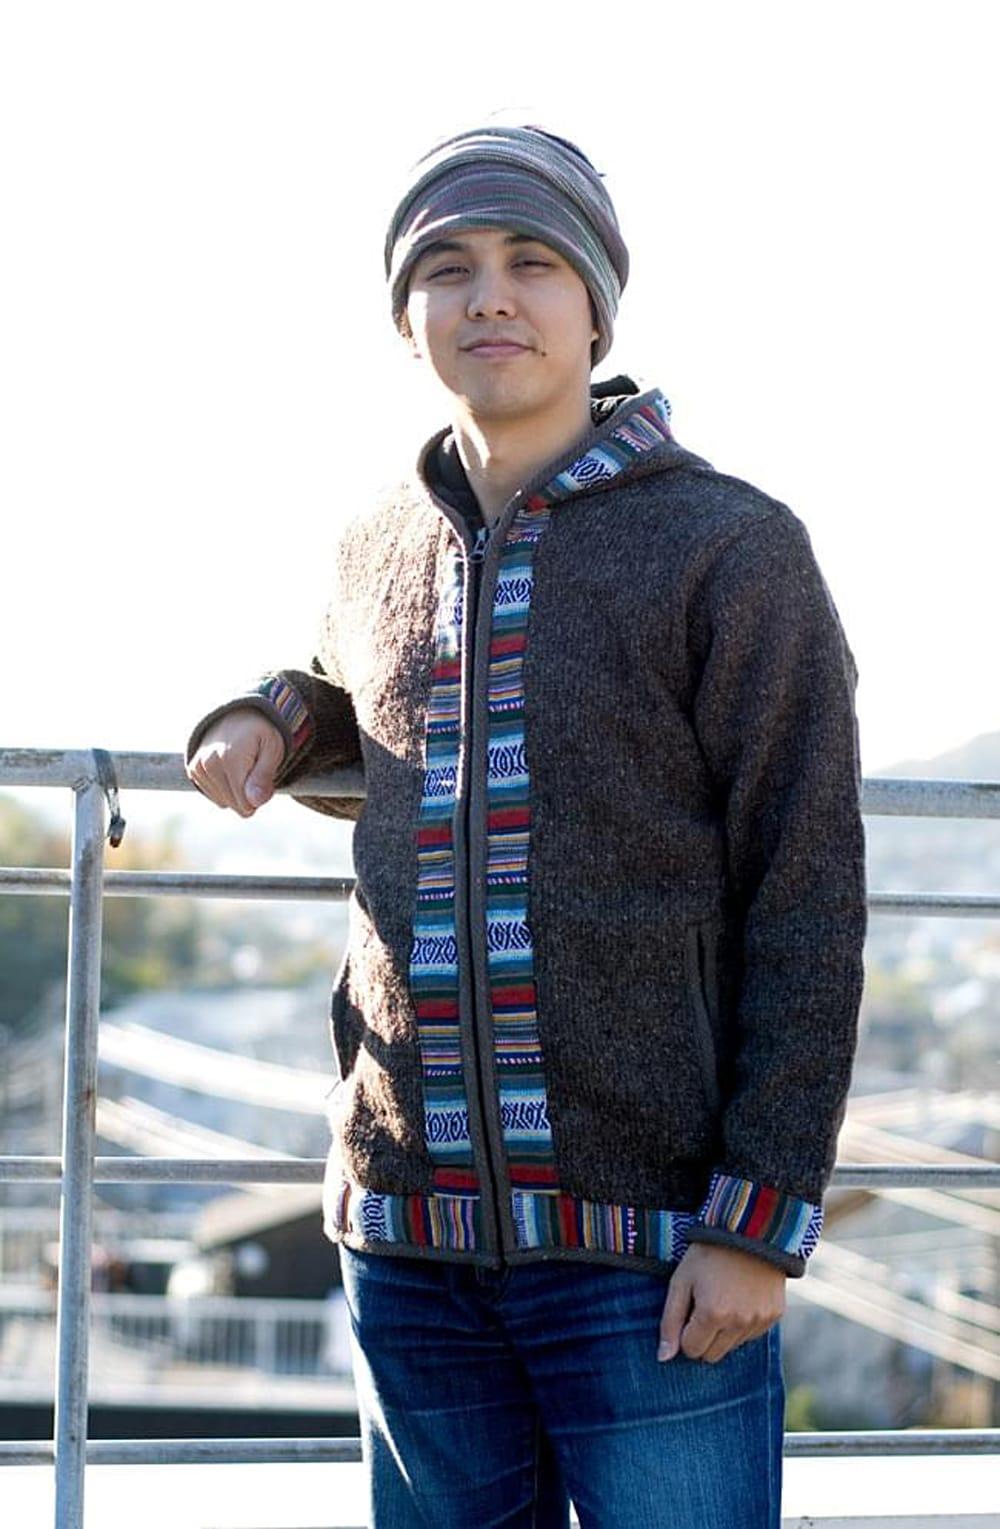 ネパールのゲリラインウールジャケット 3 - C:ライトブラウン:身長170?のスタッフがLサイズを着てみました。